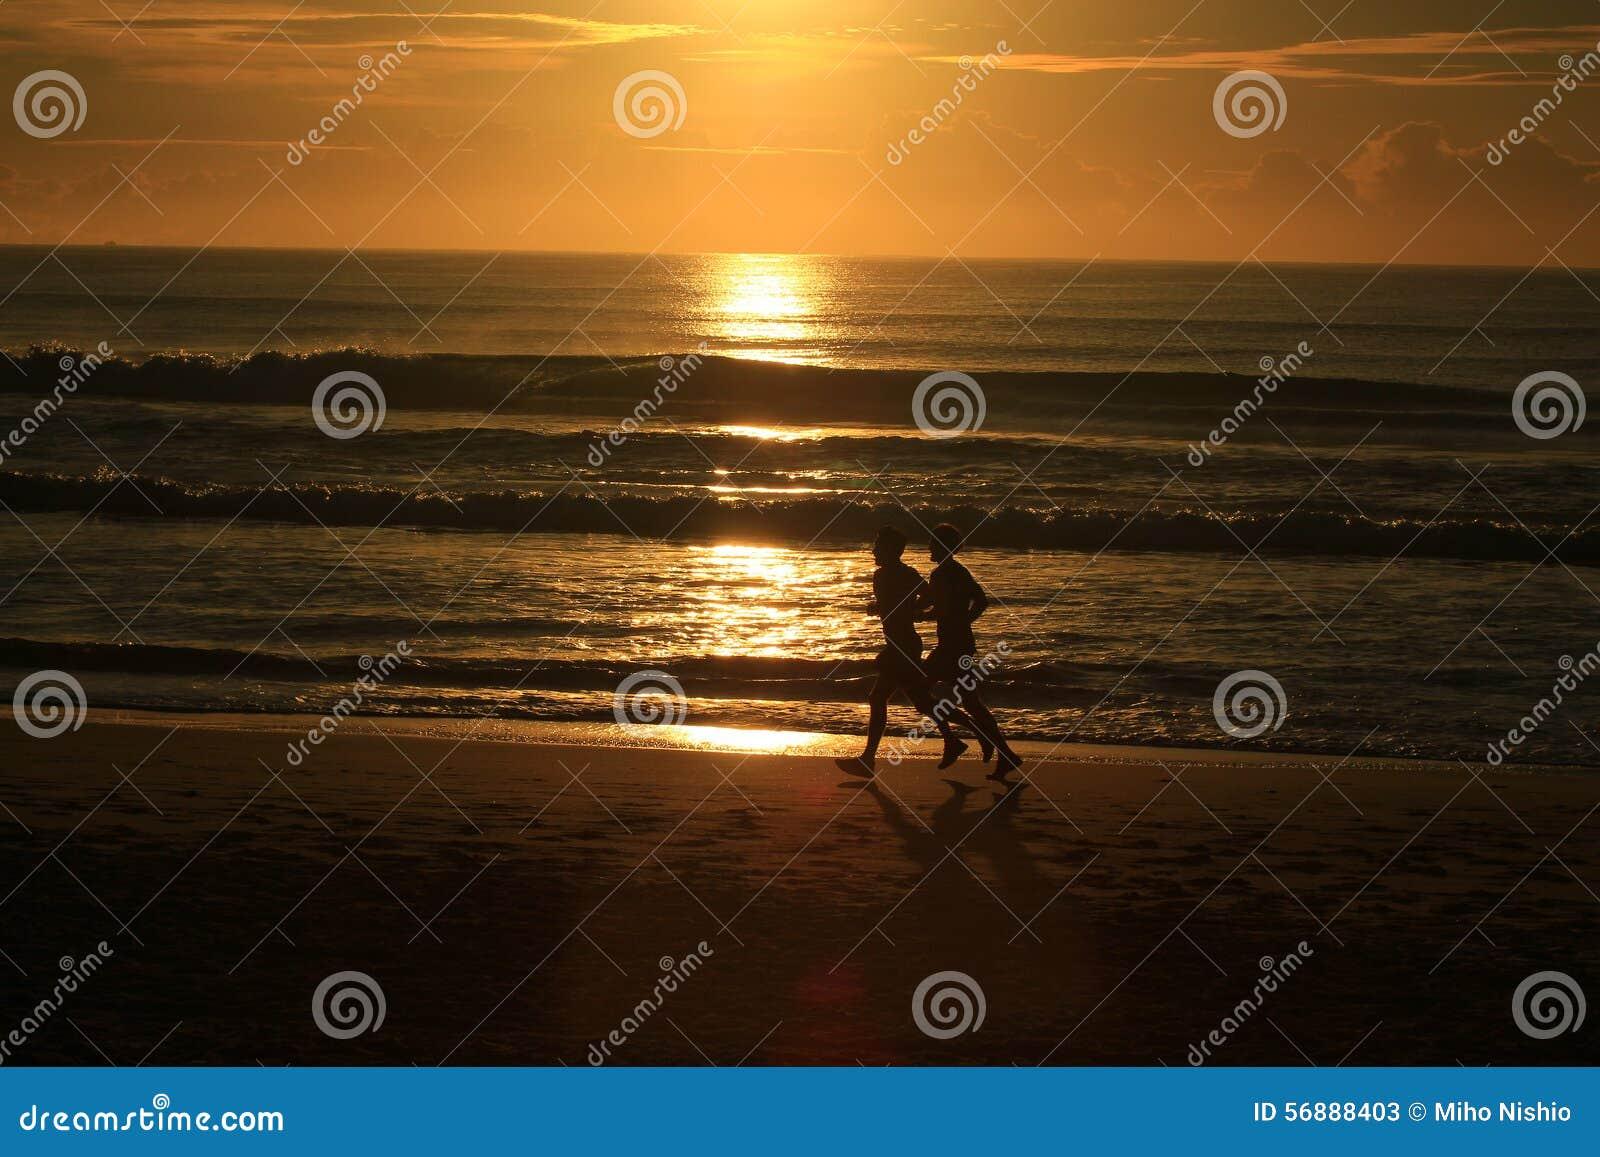 Correndo lungo la spiaggia con alba